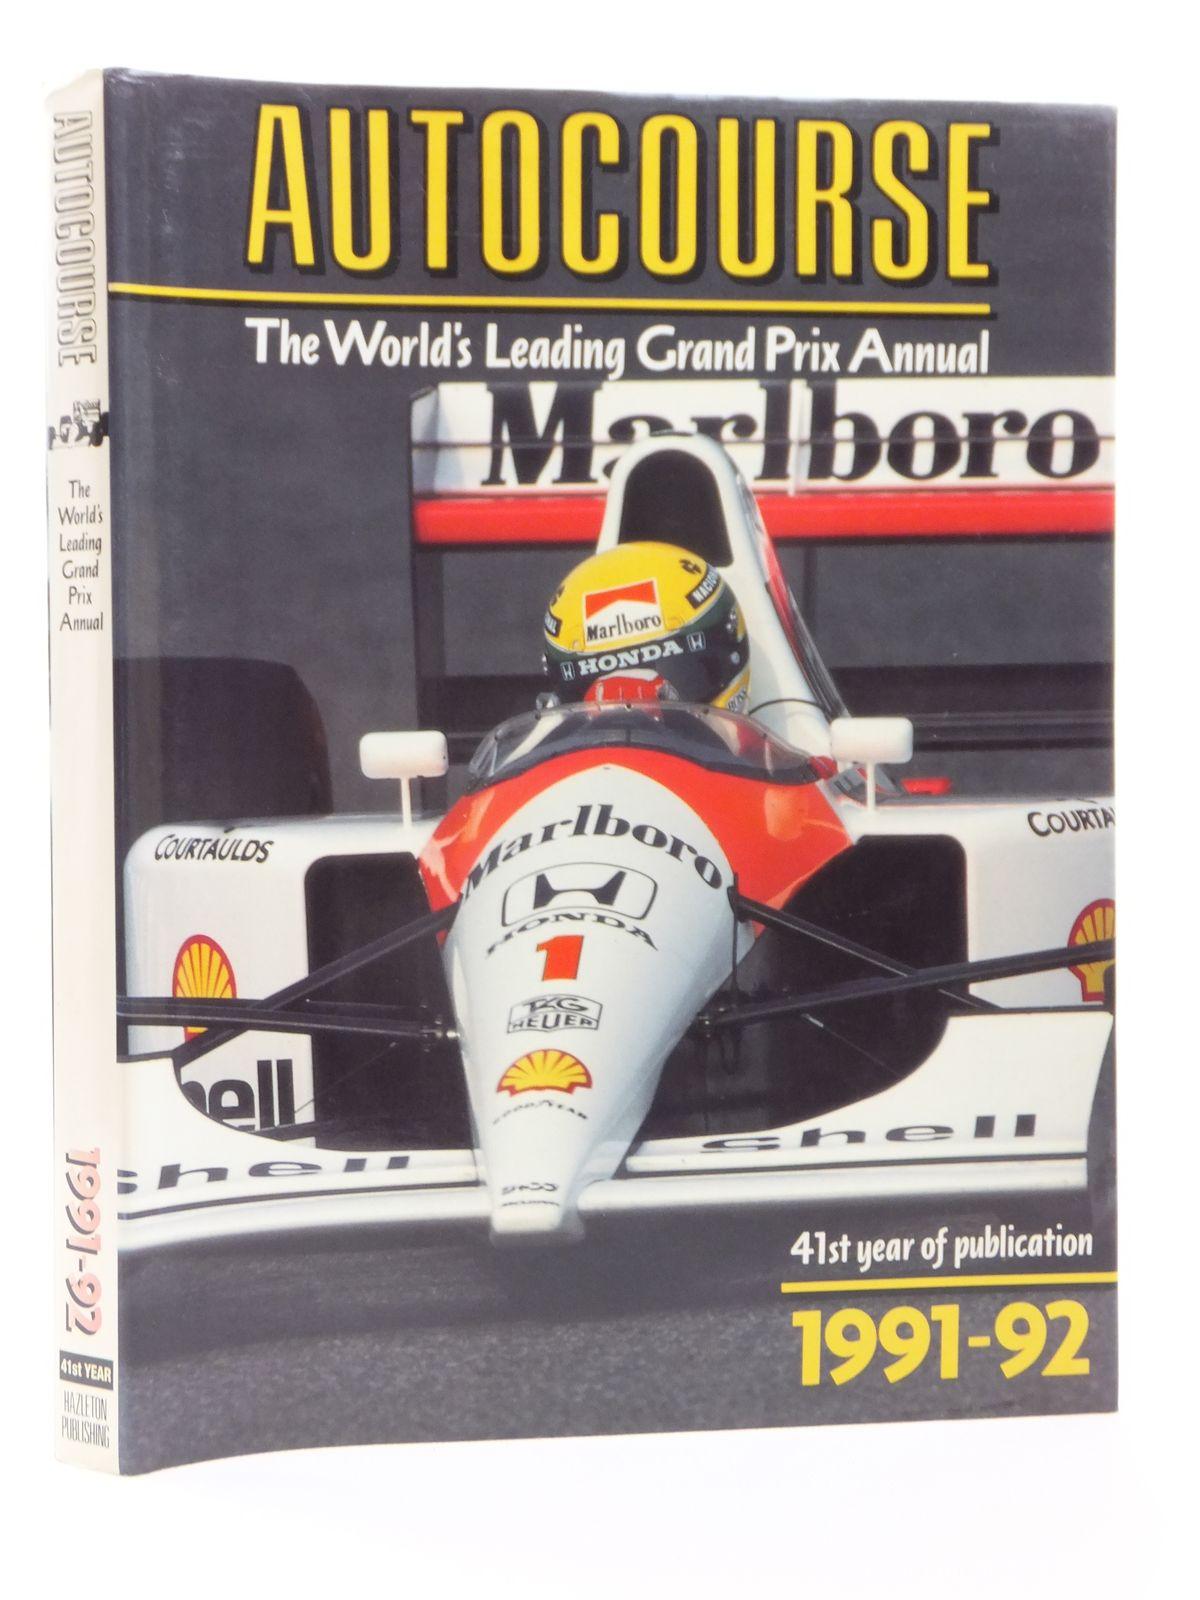 Autocourse - The World's Leading Grand Prix Annual